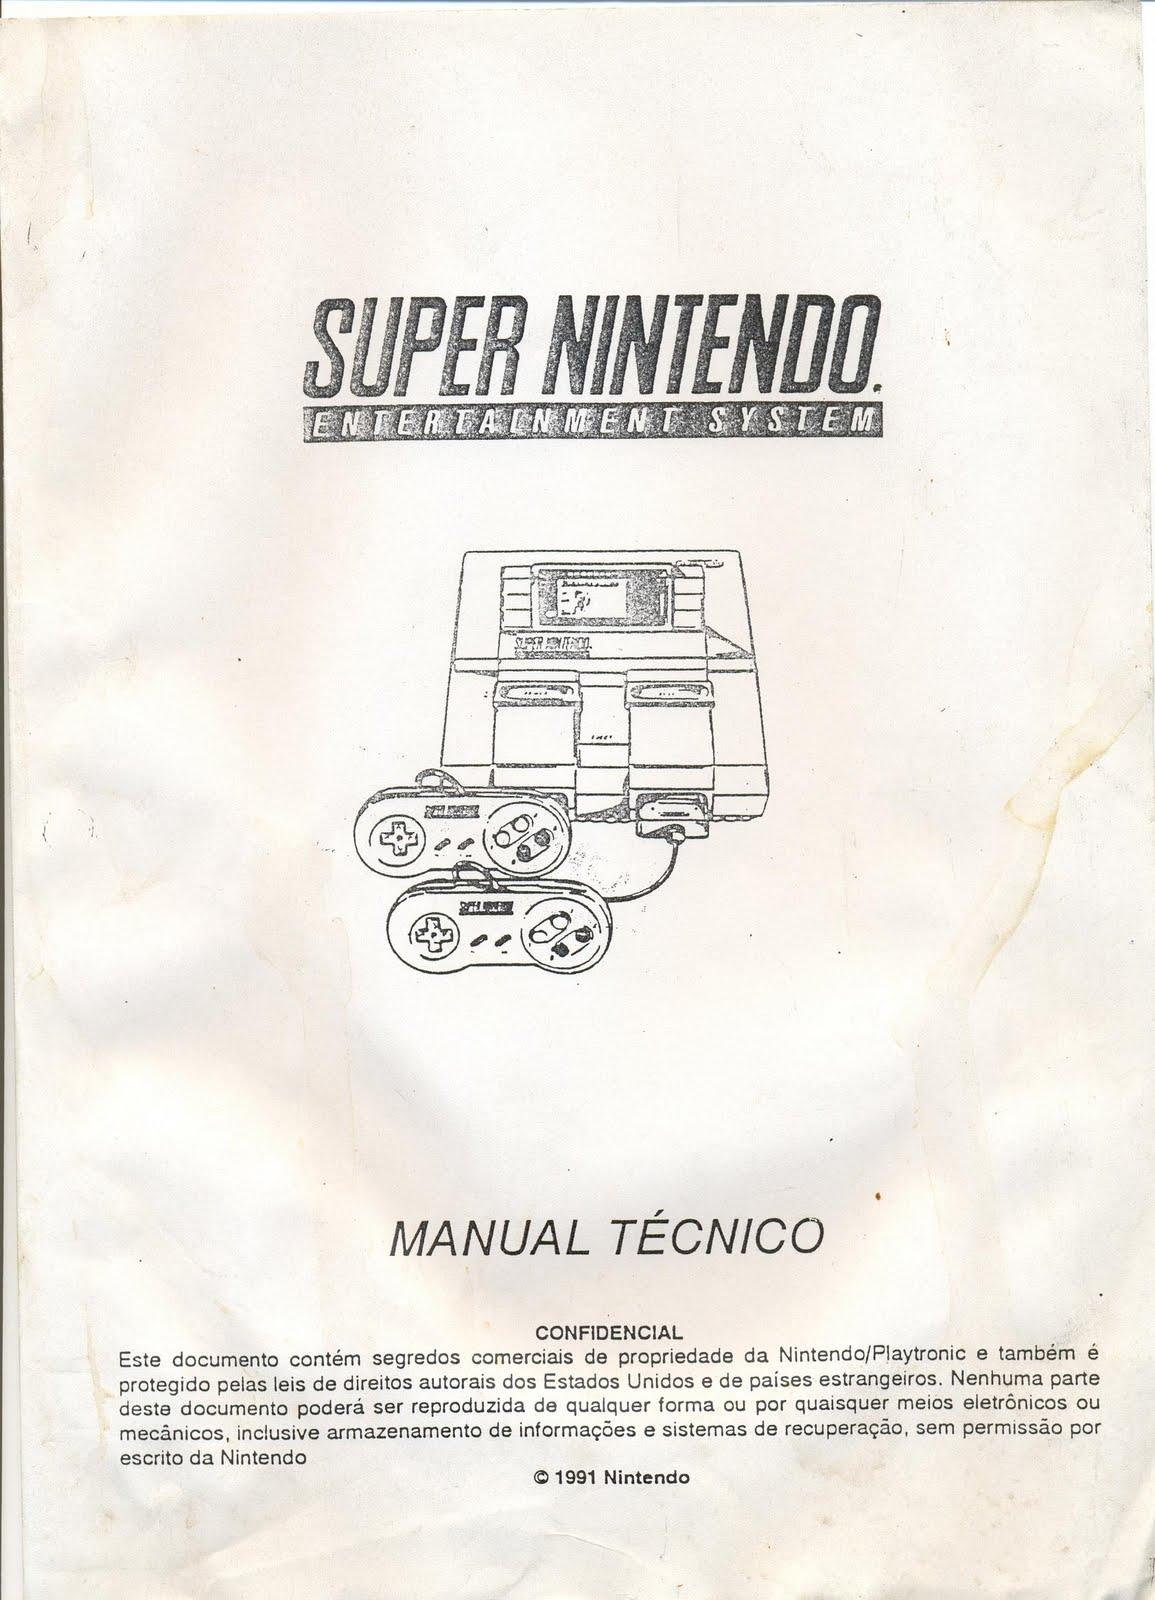 eletronica e jogos manual t cnico super nes rh eletronicaejogos blogspot com Tecnico En Refrigeradores Tecnico En Refrigeradores